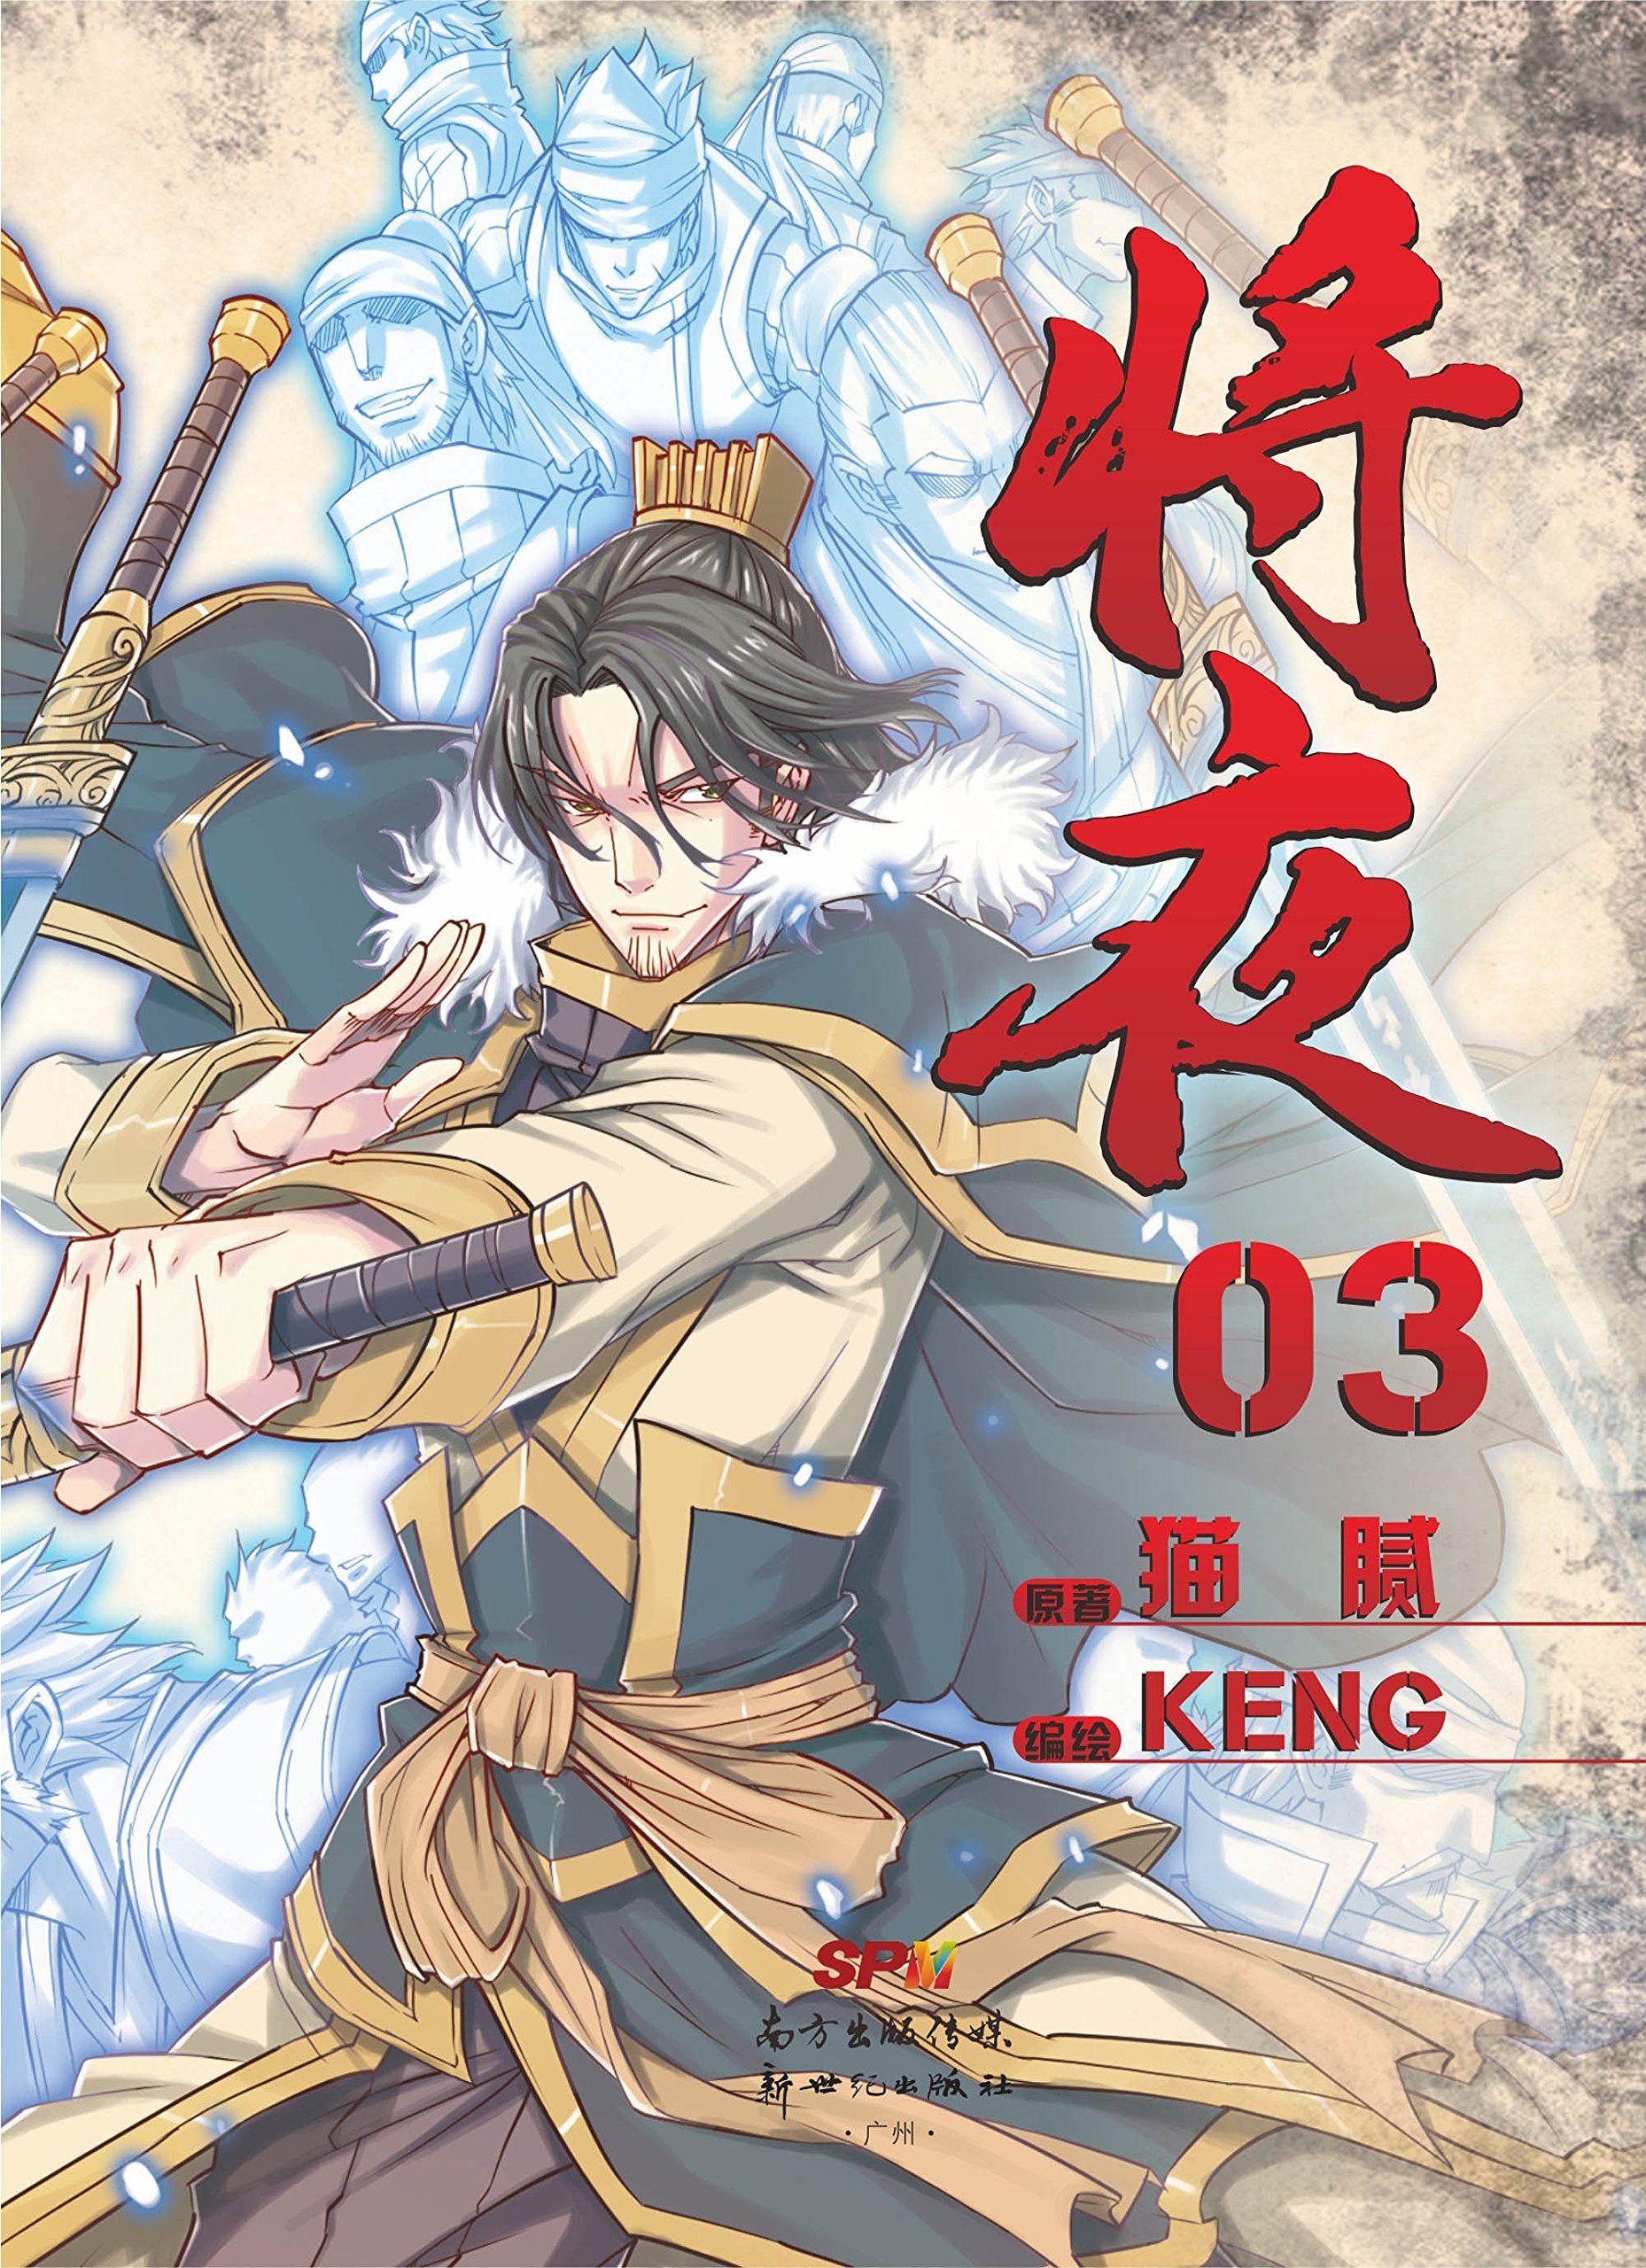 Jiang Ye  5 - http://www.kingsmanga.net/jiang-ye-5/